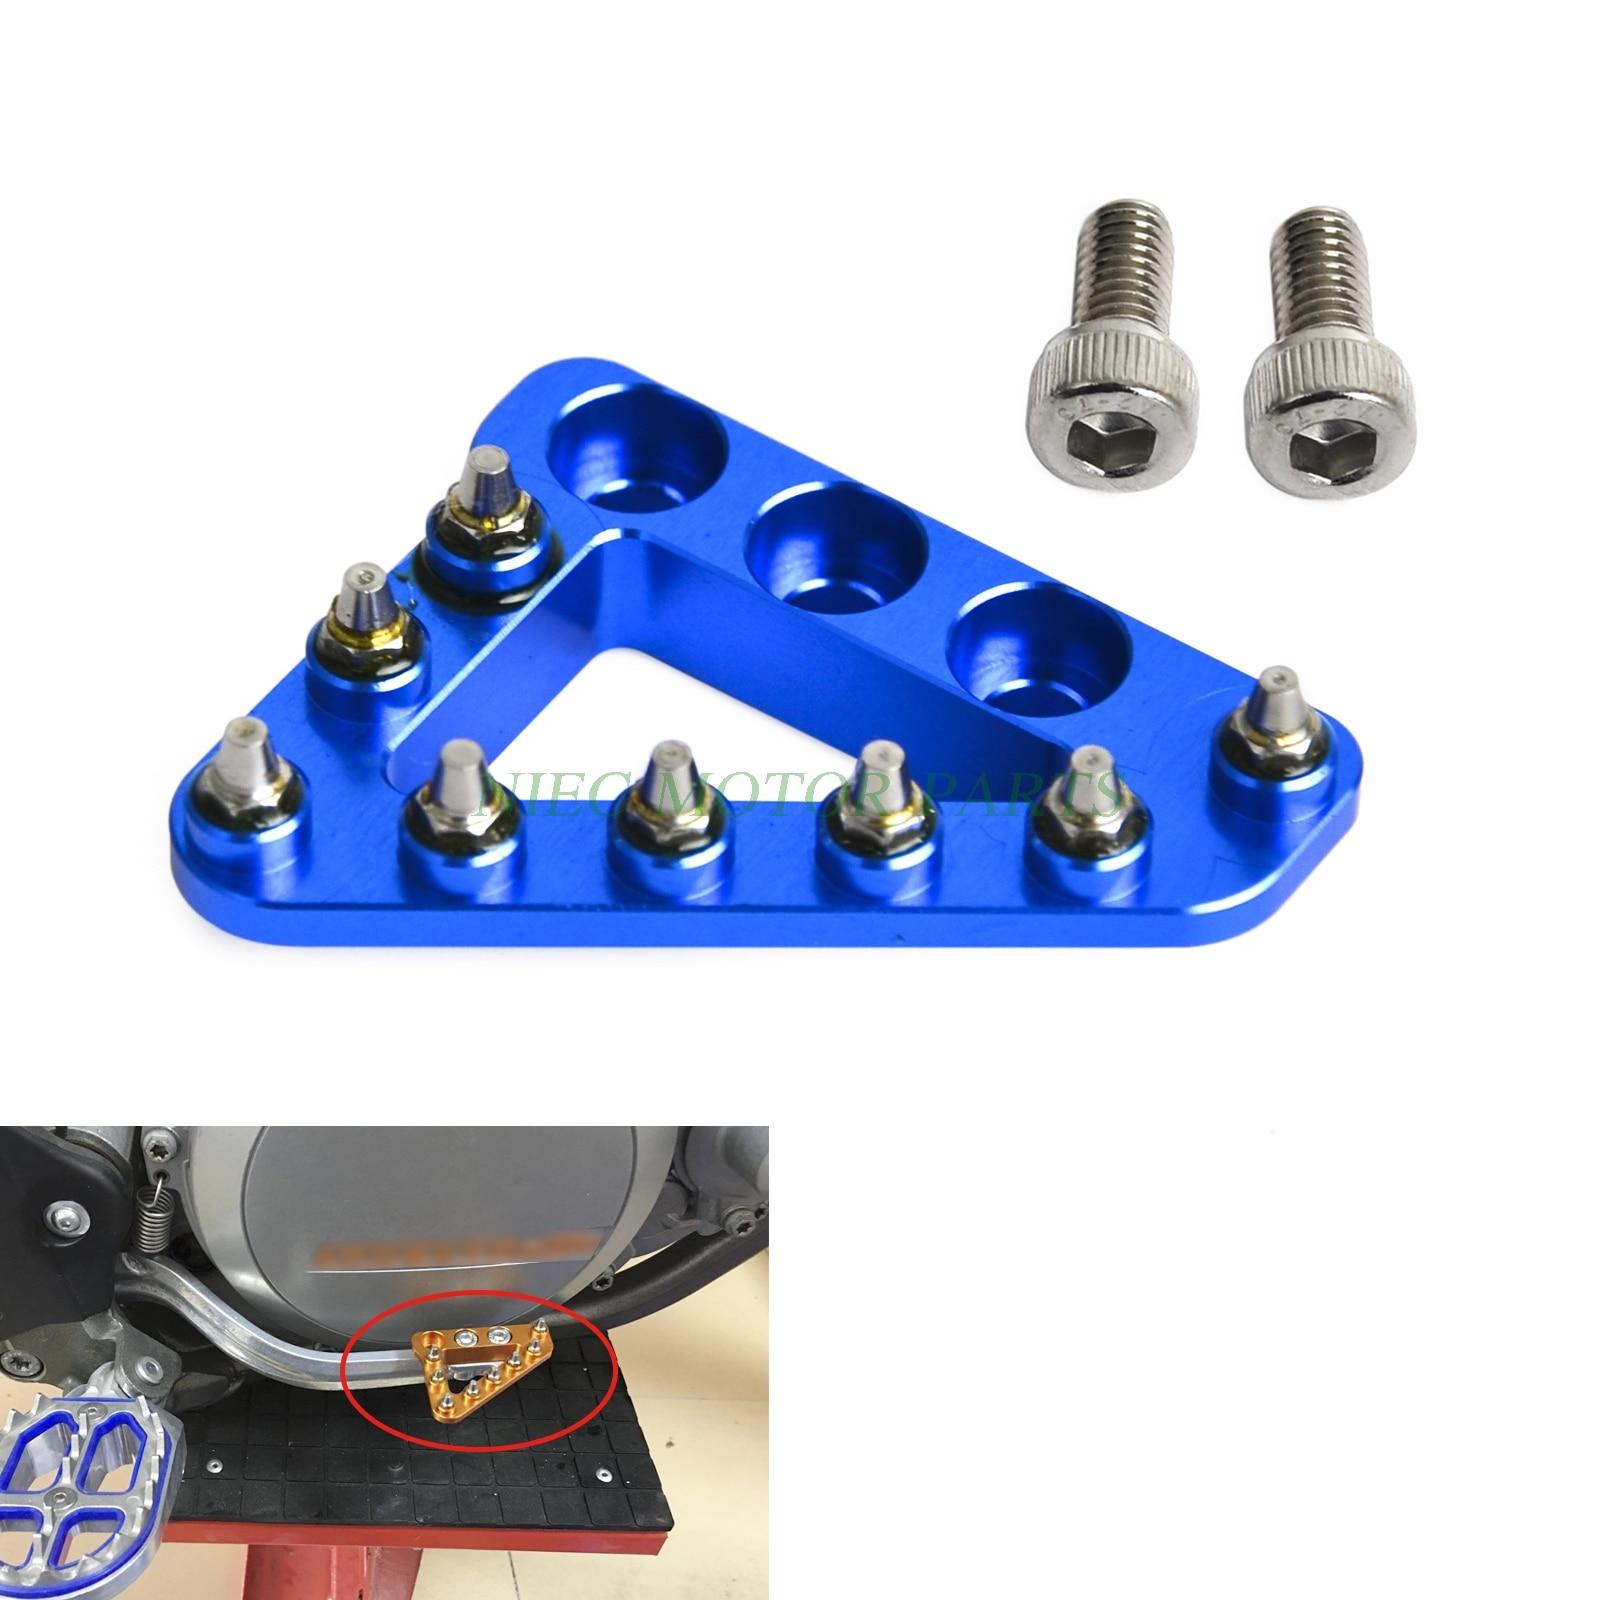 20% Larger CNC Rear Brake Pedal Step Plate Tip For Husaberg FE TE FS FX Husqvarna FE TC TE FC 125 250 300 450 501 650 701